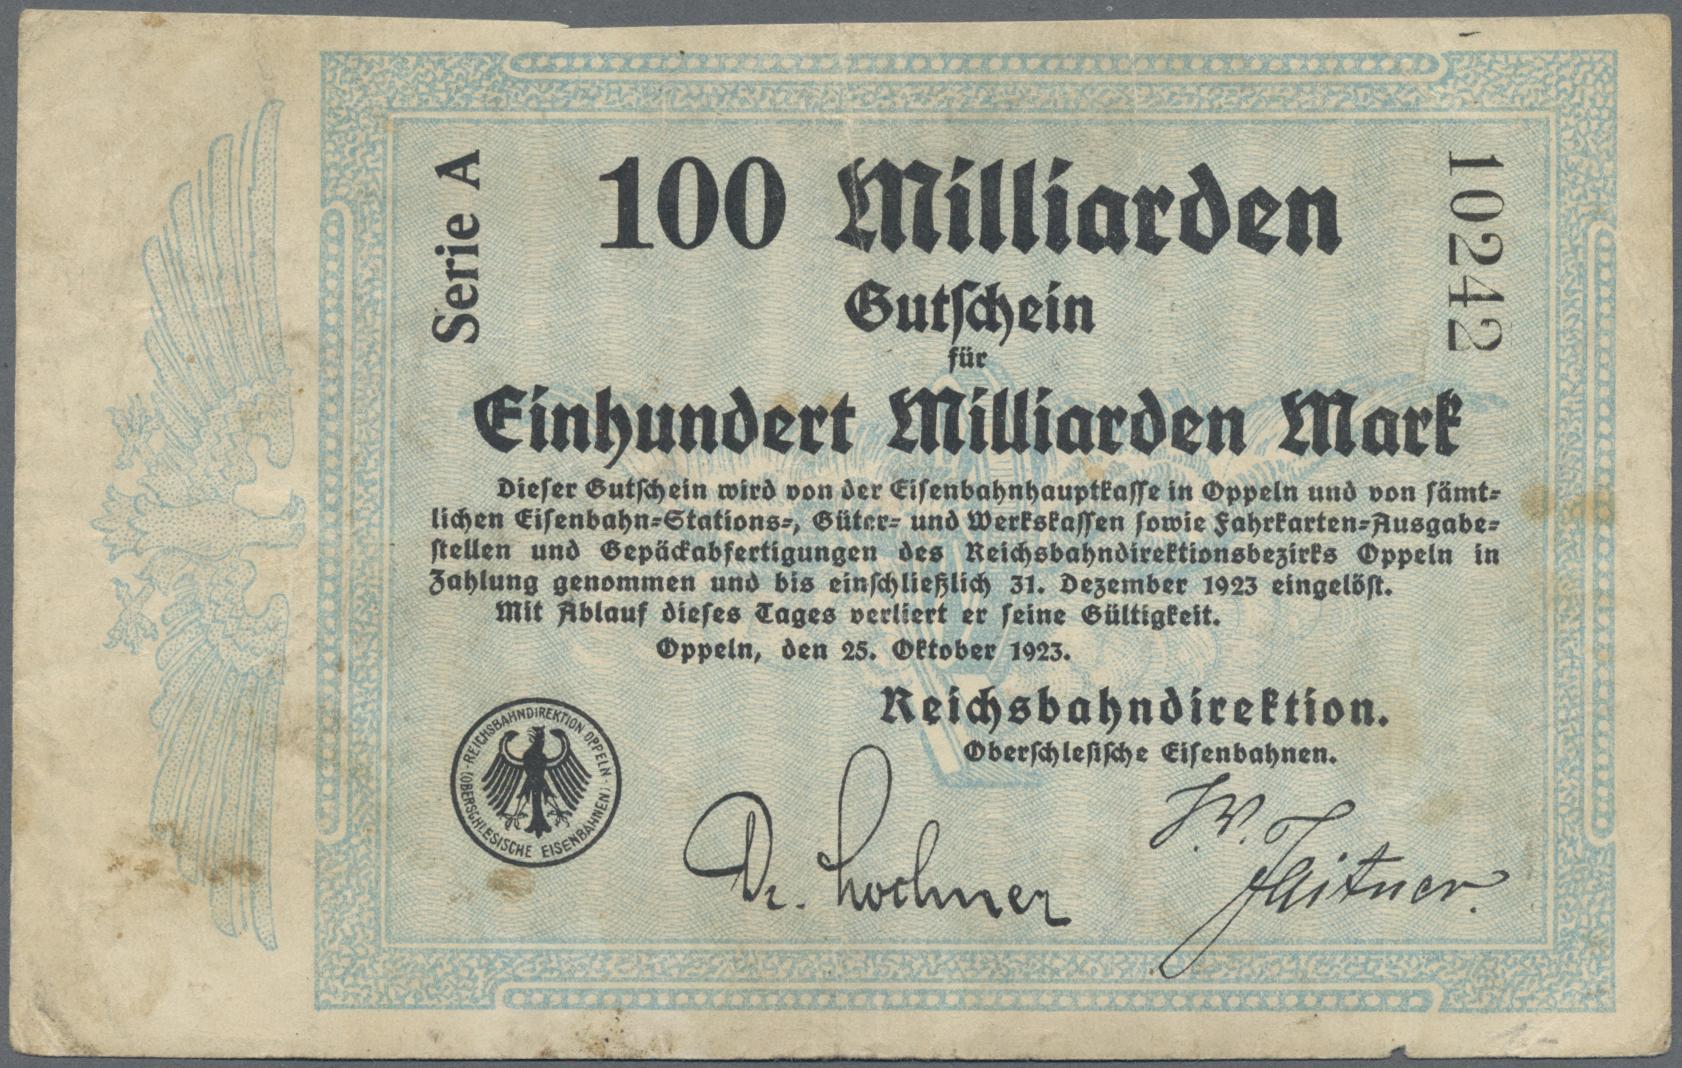 Lot 01422 - Deutschland - Reichsbahn / Reichspost | Banknoten  -  Auktionshaus Christoph Gärtner GmbH & Co. KG Sale #48 The Banknotes